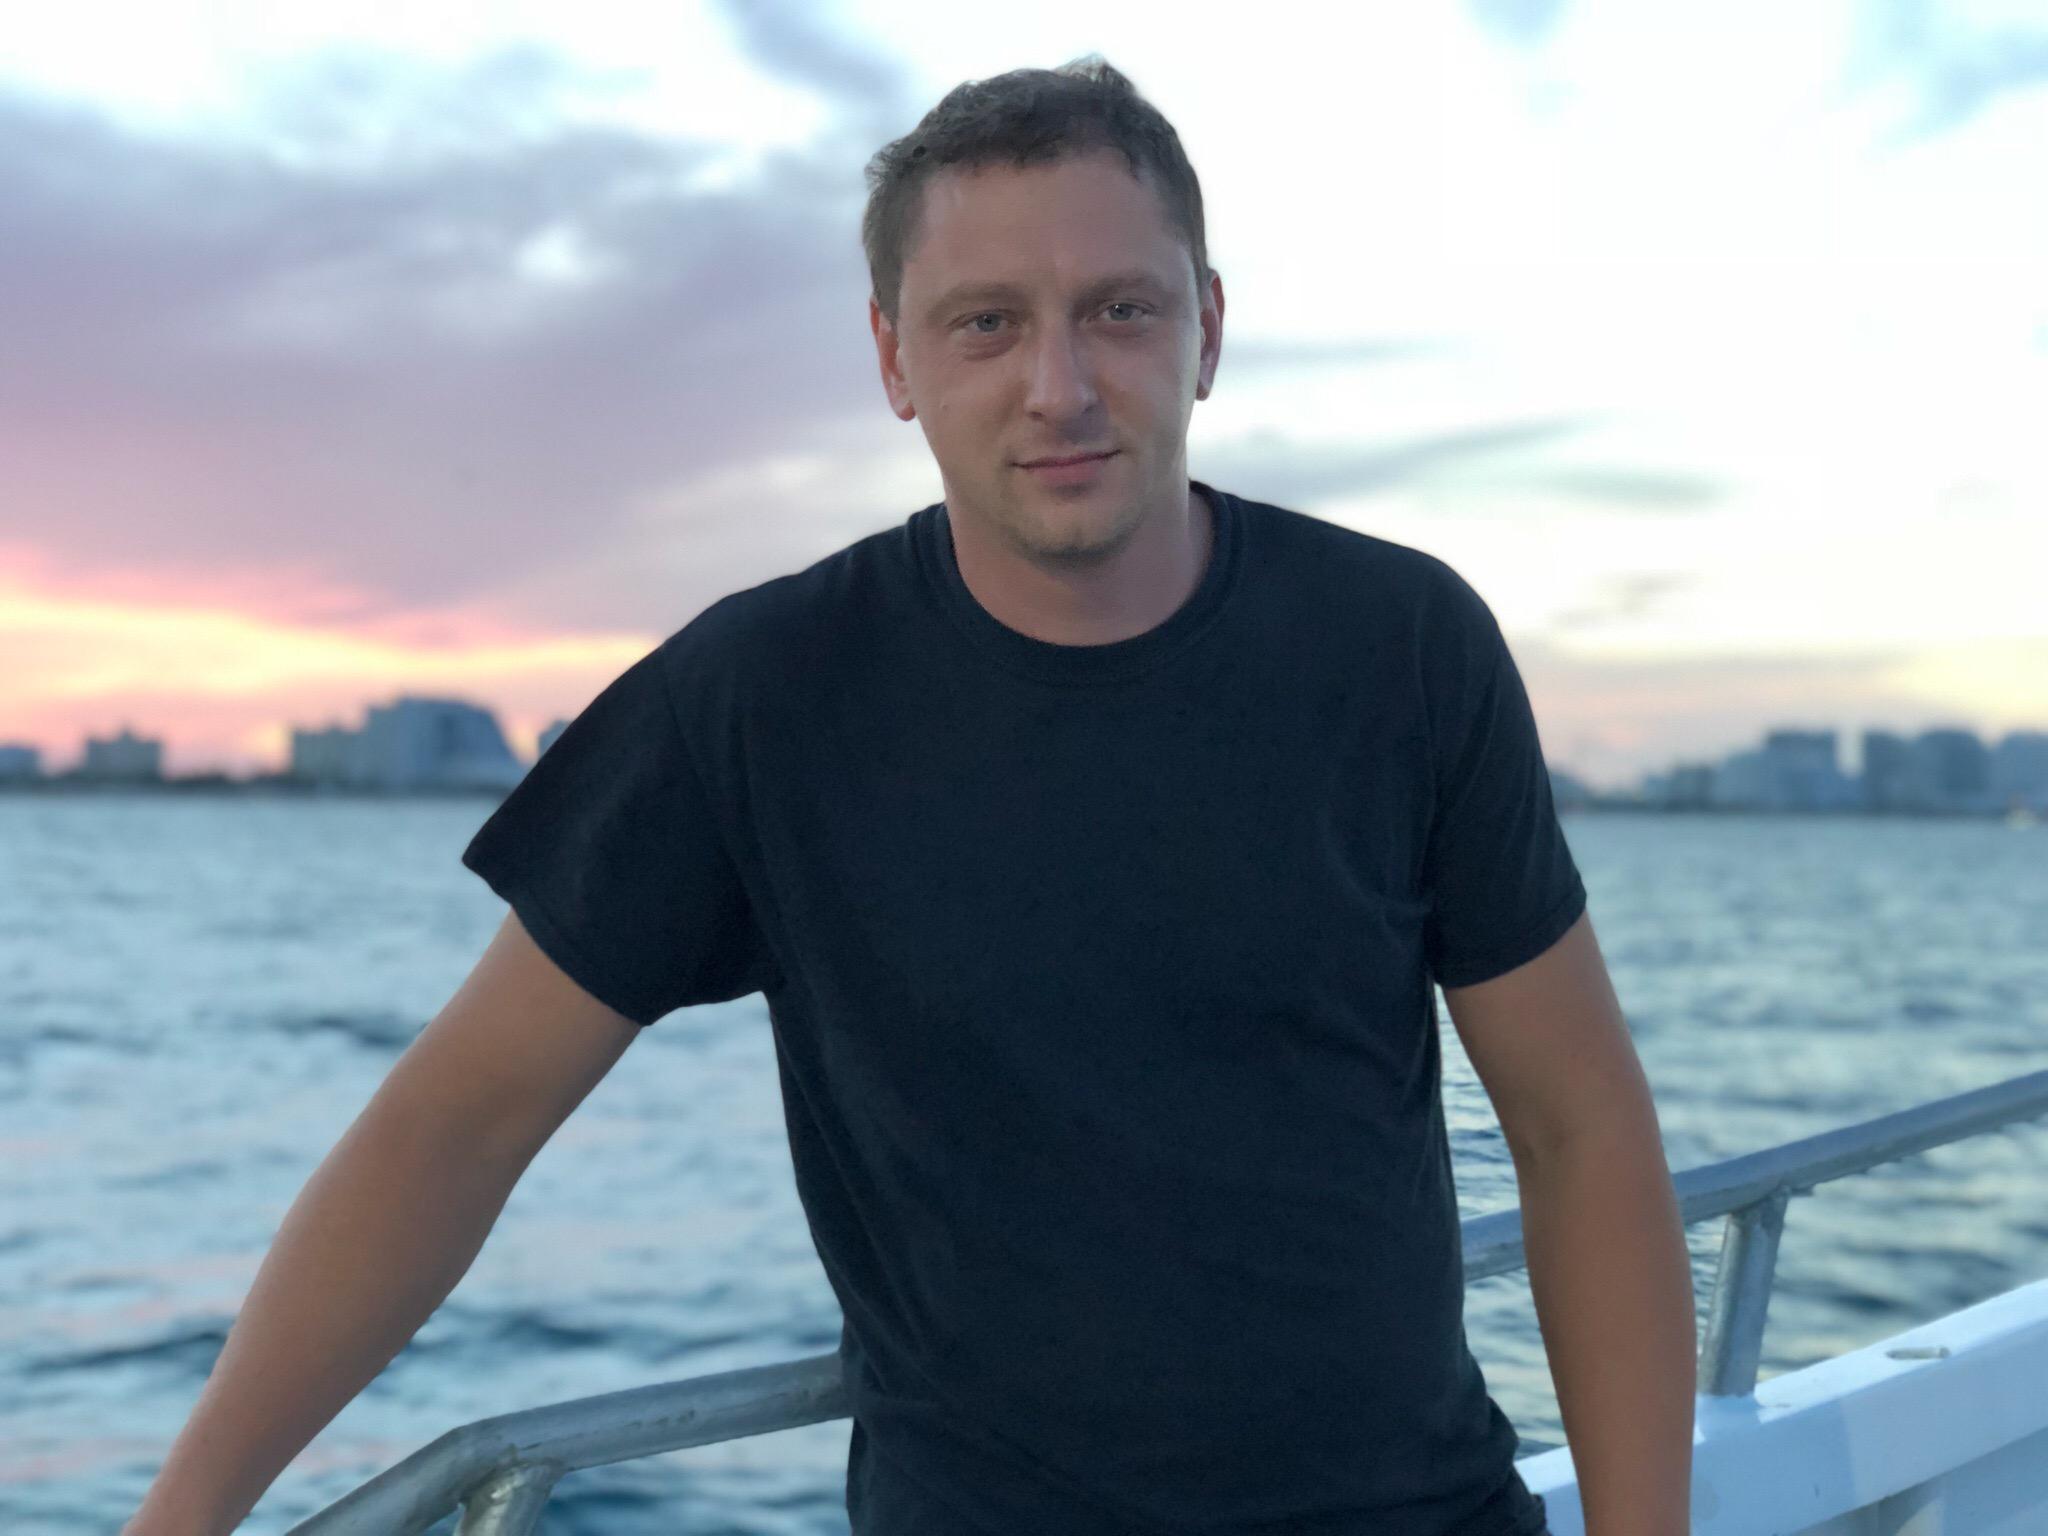 Дима Малаш: биография блогера и дальнобойщика из США